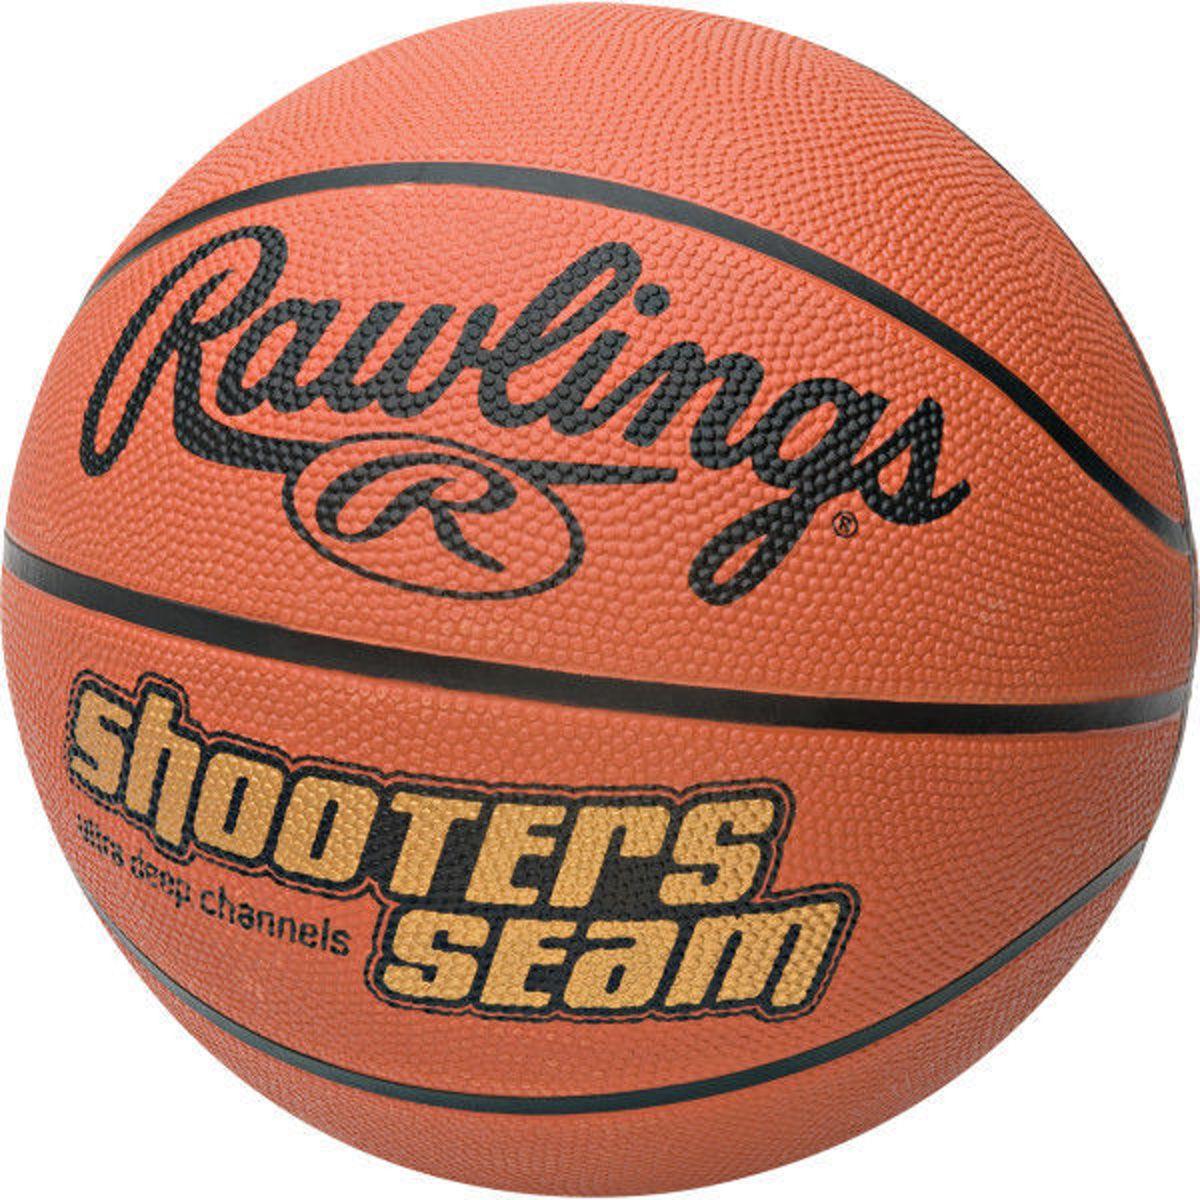 Rawlings SSUY1B Basketbal kopen